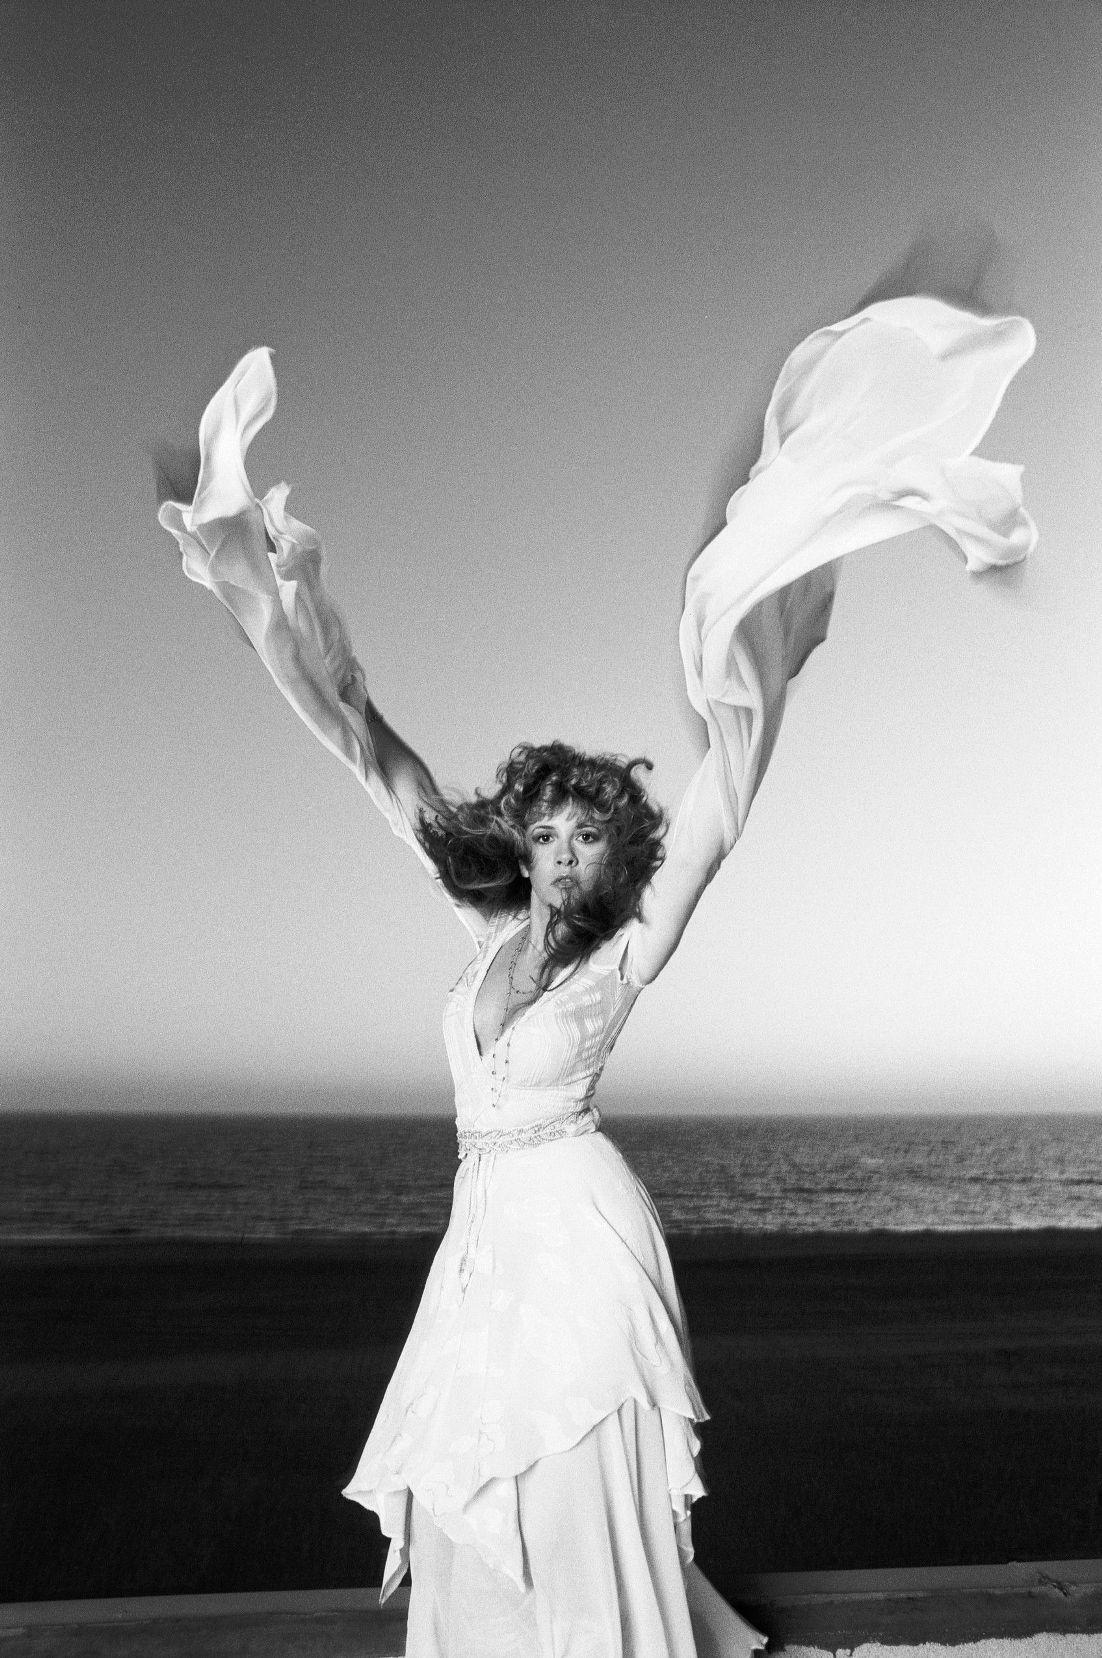 In Your Dreams Stevie Nicks Stevie Nicks Fleetwood Mac Stevie [ 1658 x 1102 Pixel ]